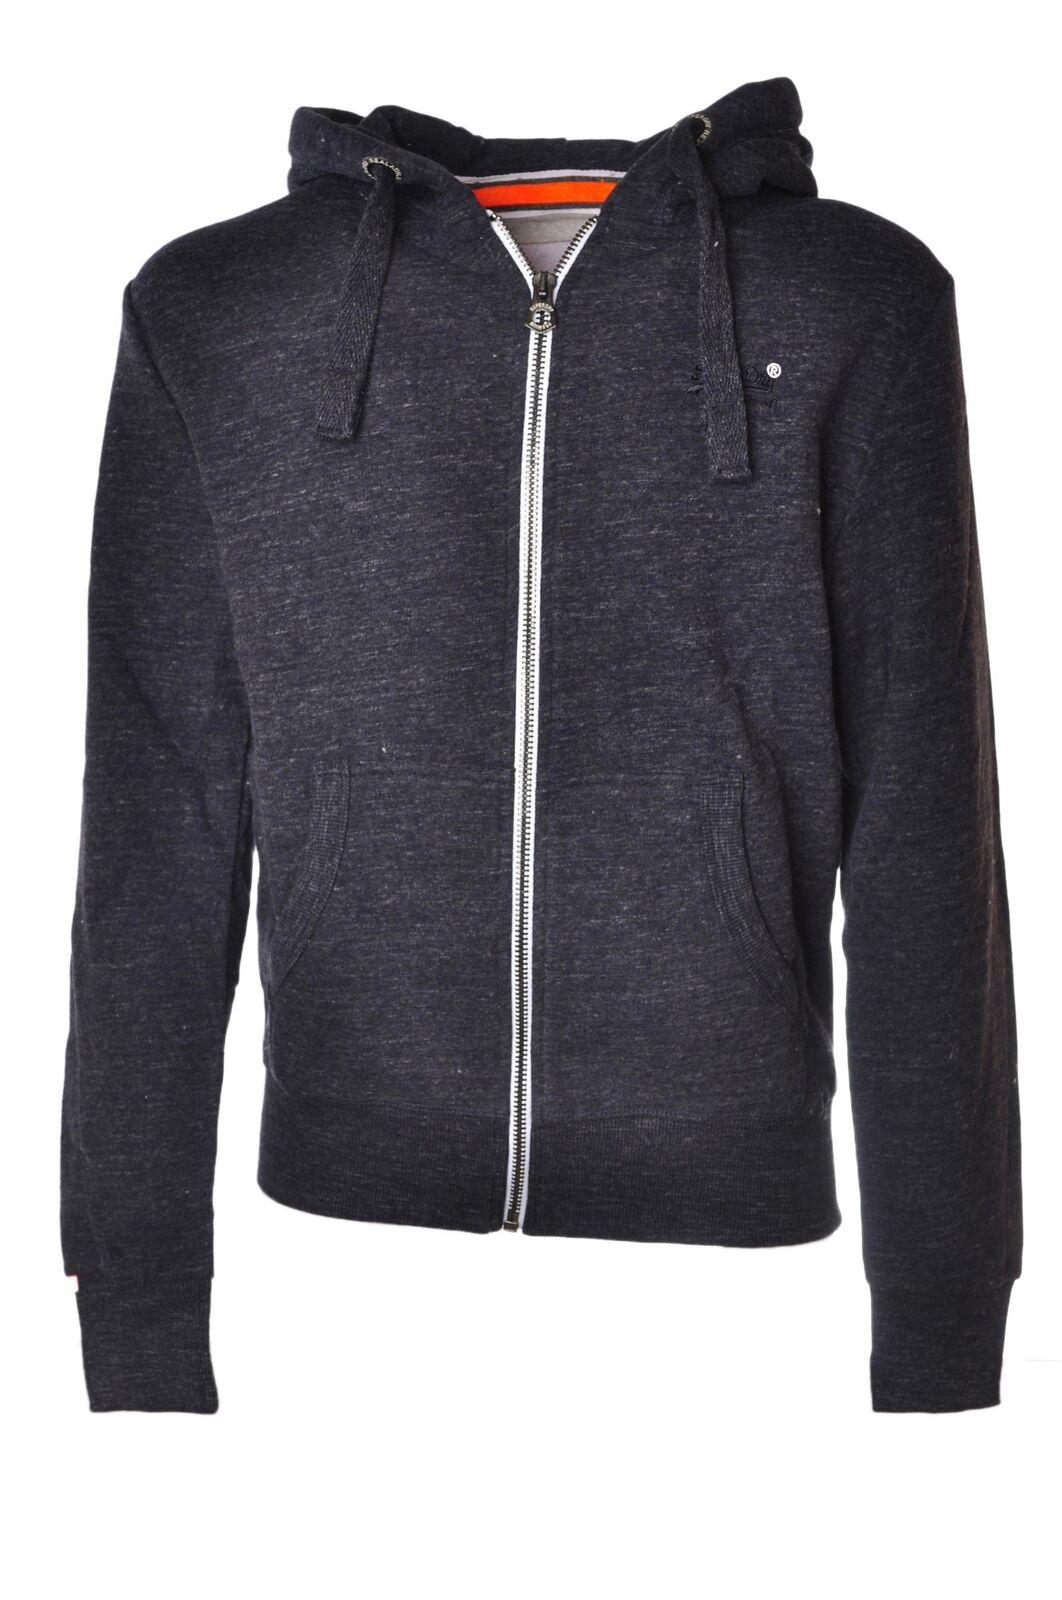 Superdry  -  Sweatshirts - Male - Blau - 4277726A184036